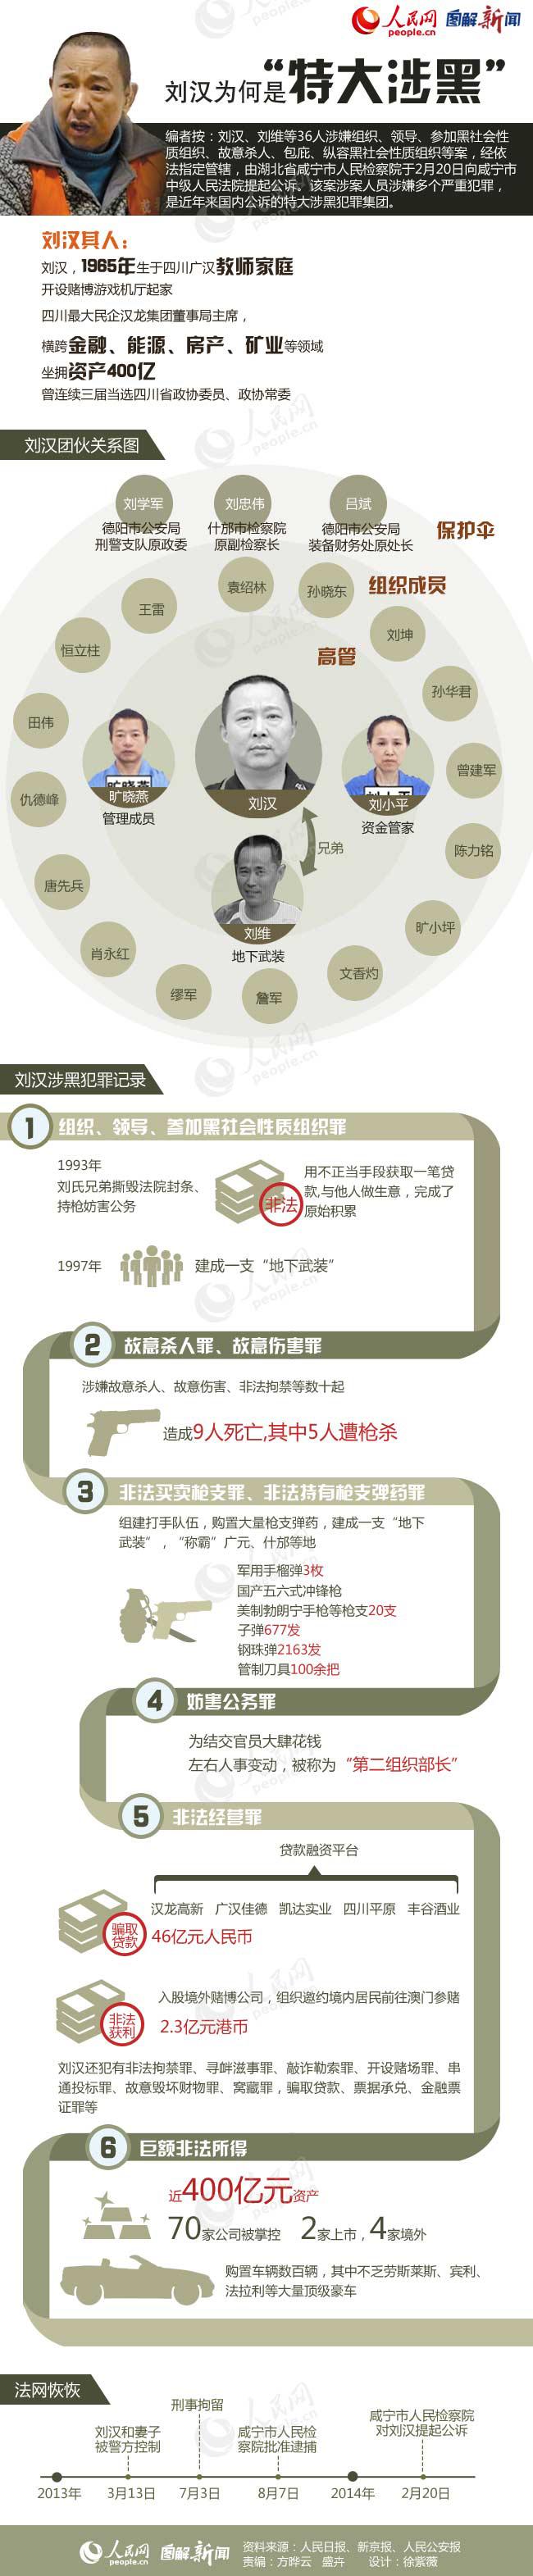 图解新闻:刘汉为何是房价涉黑?特大丹东别墅图片